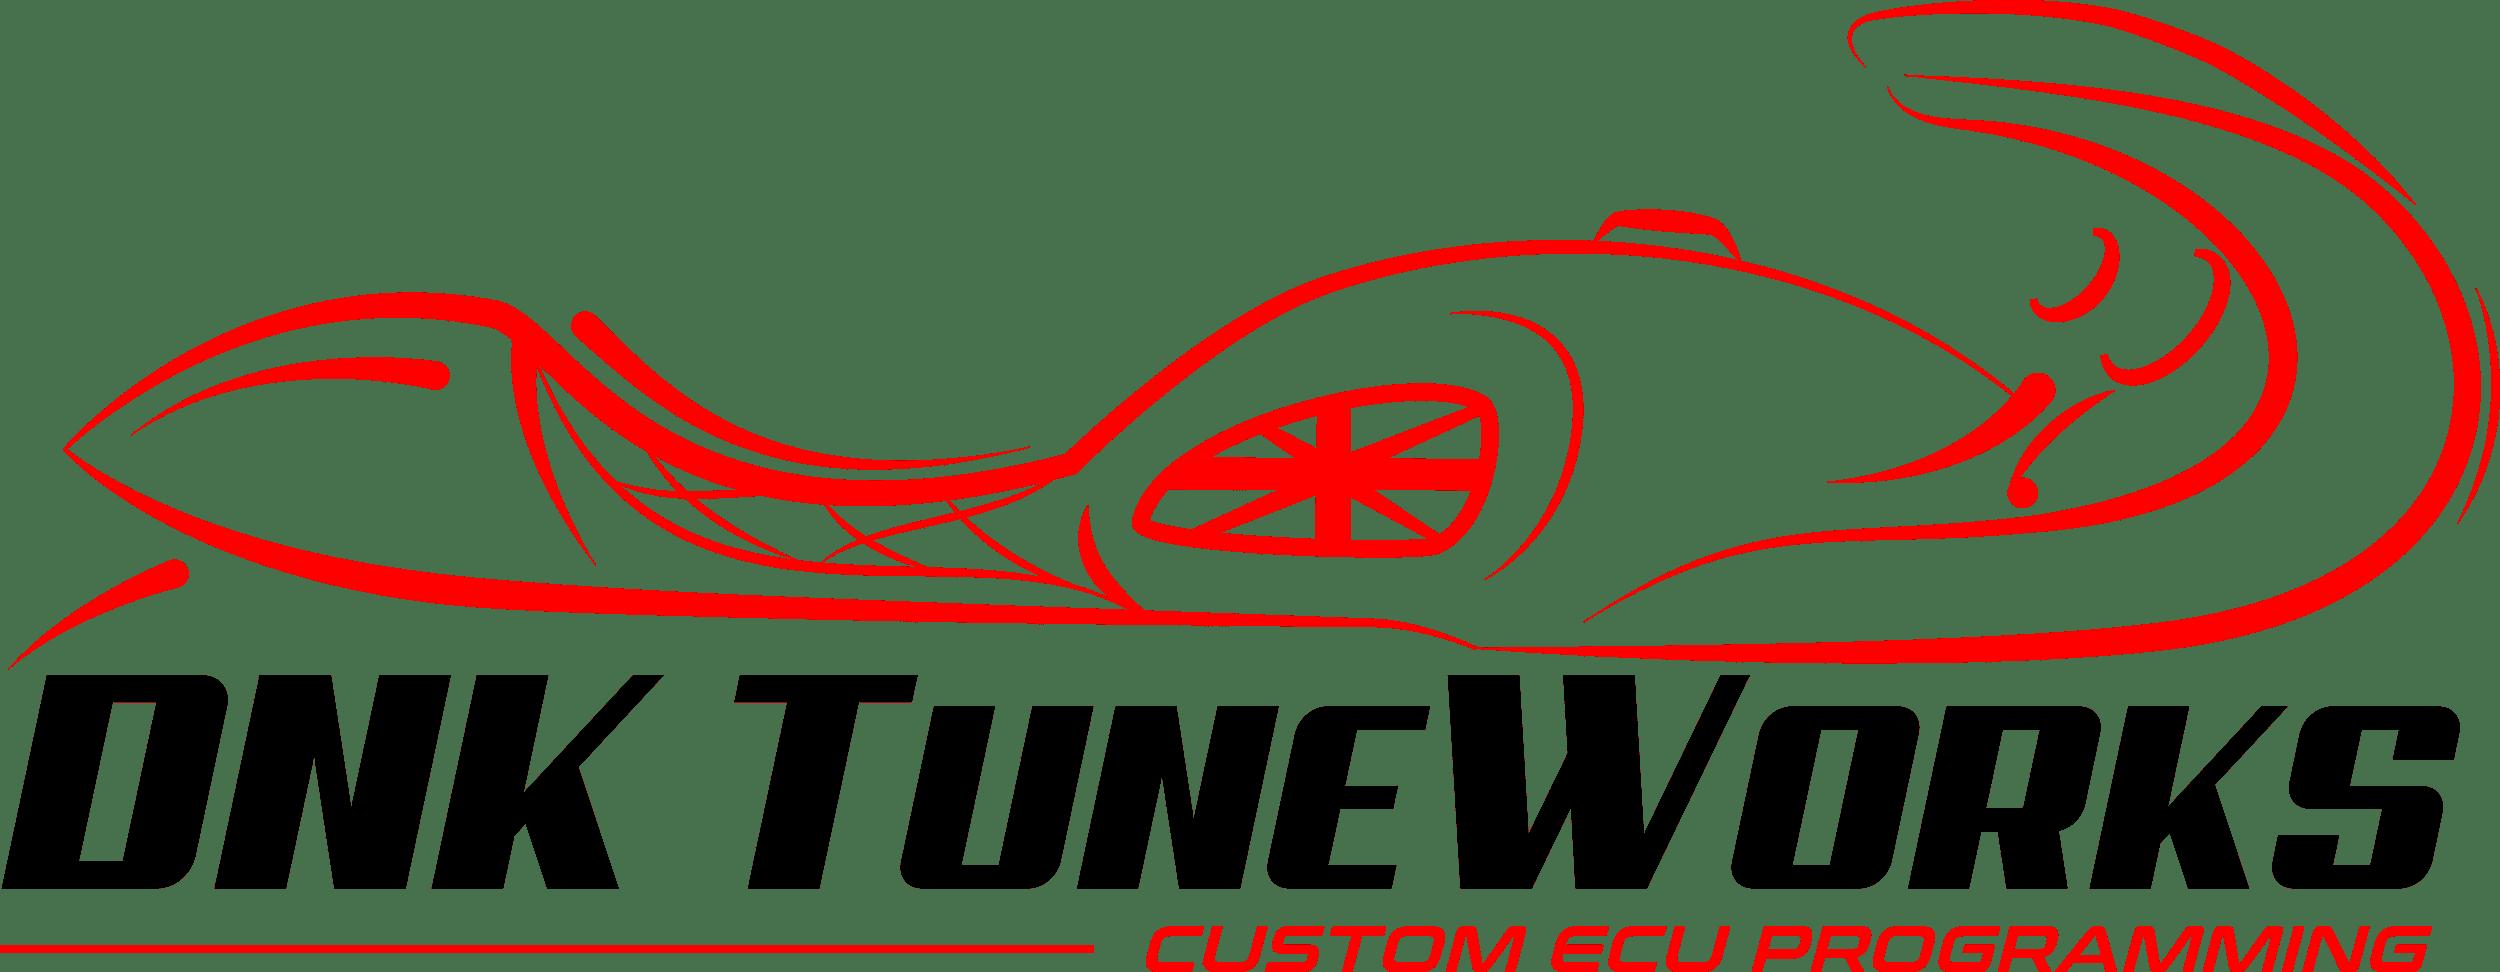 DNK TuneWorksLogo White Text 2500px